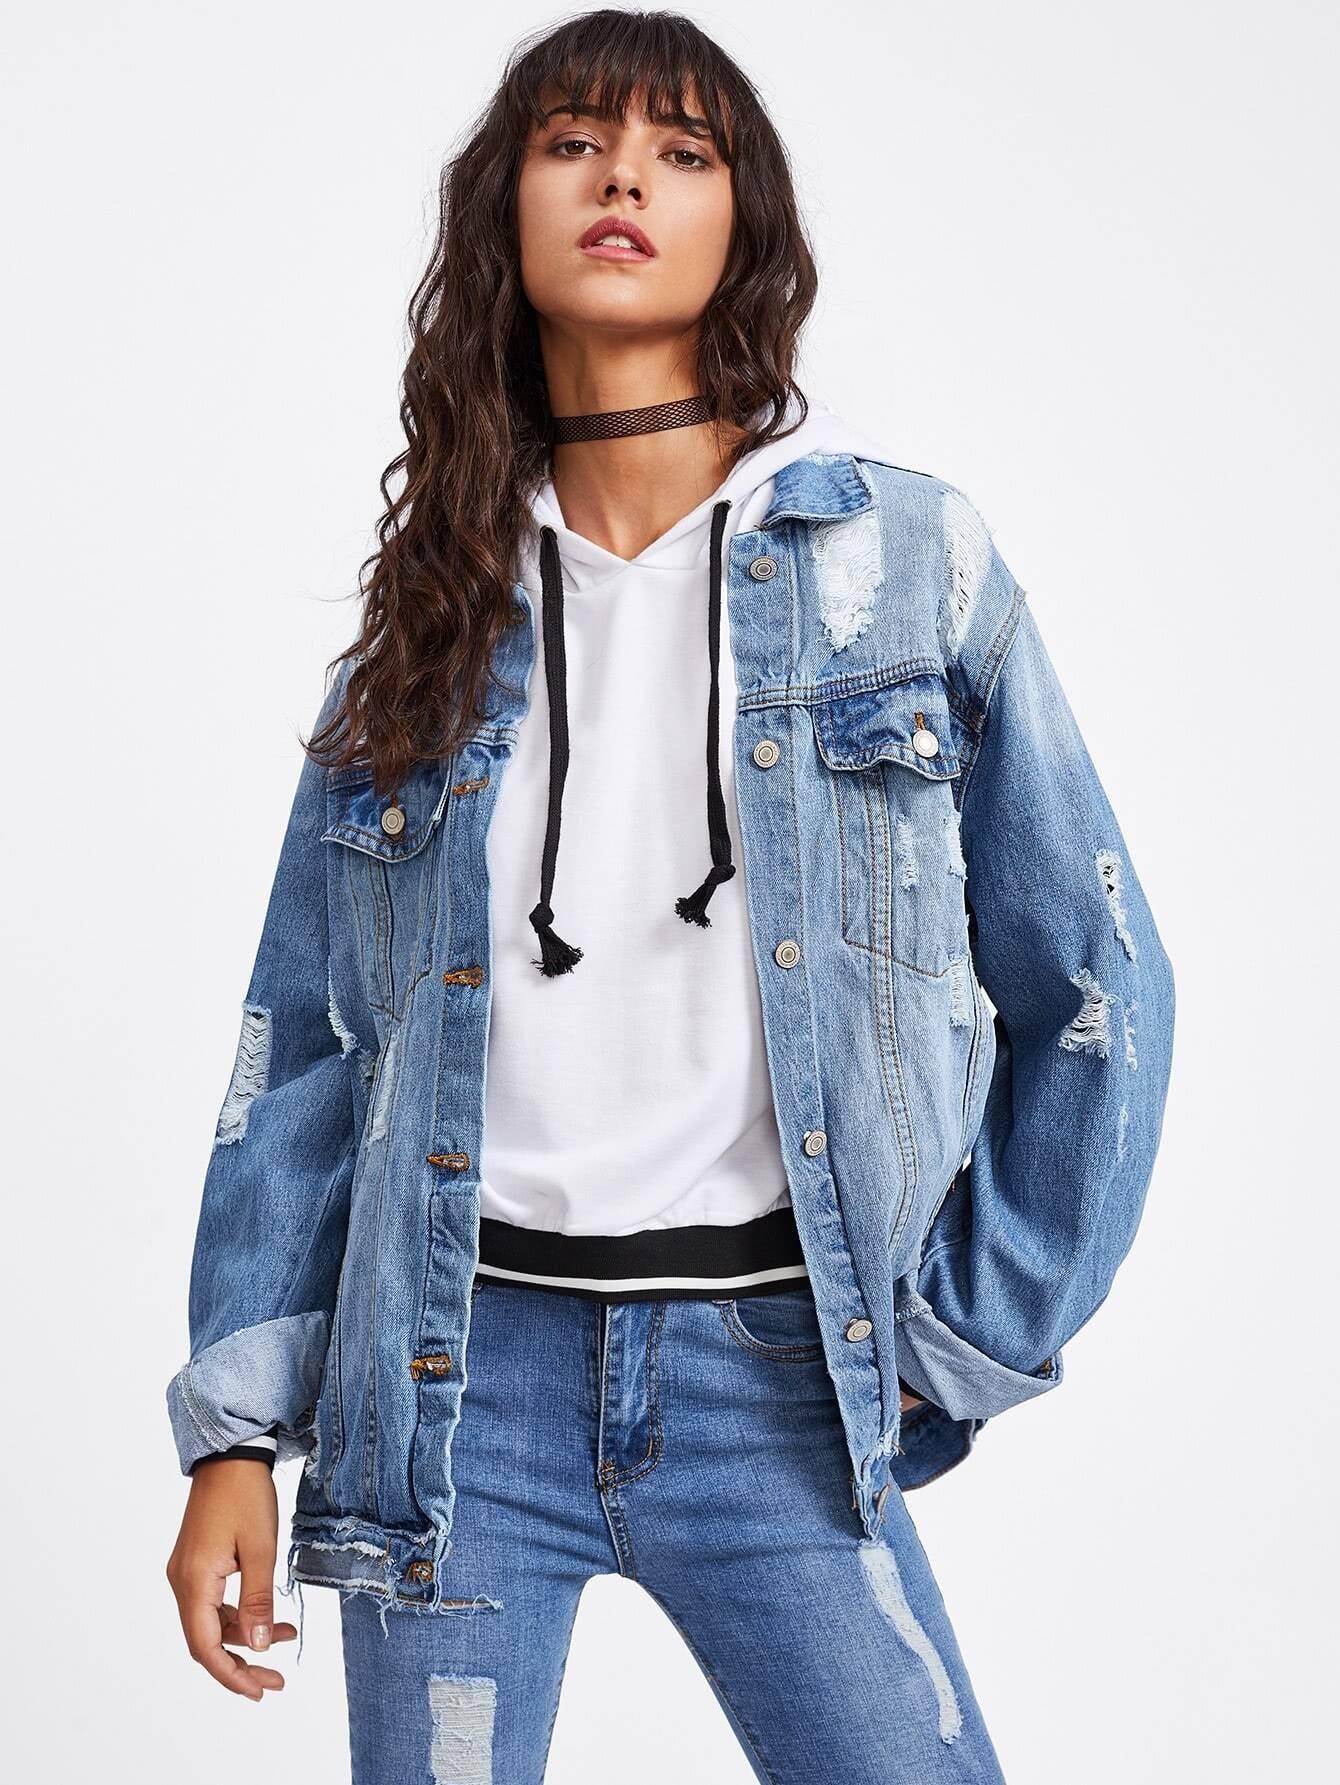 Купить Модная рваная джинсовая куртка, Camila, SheIn